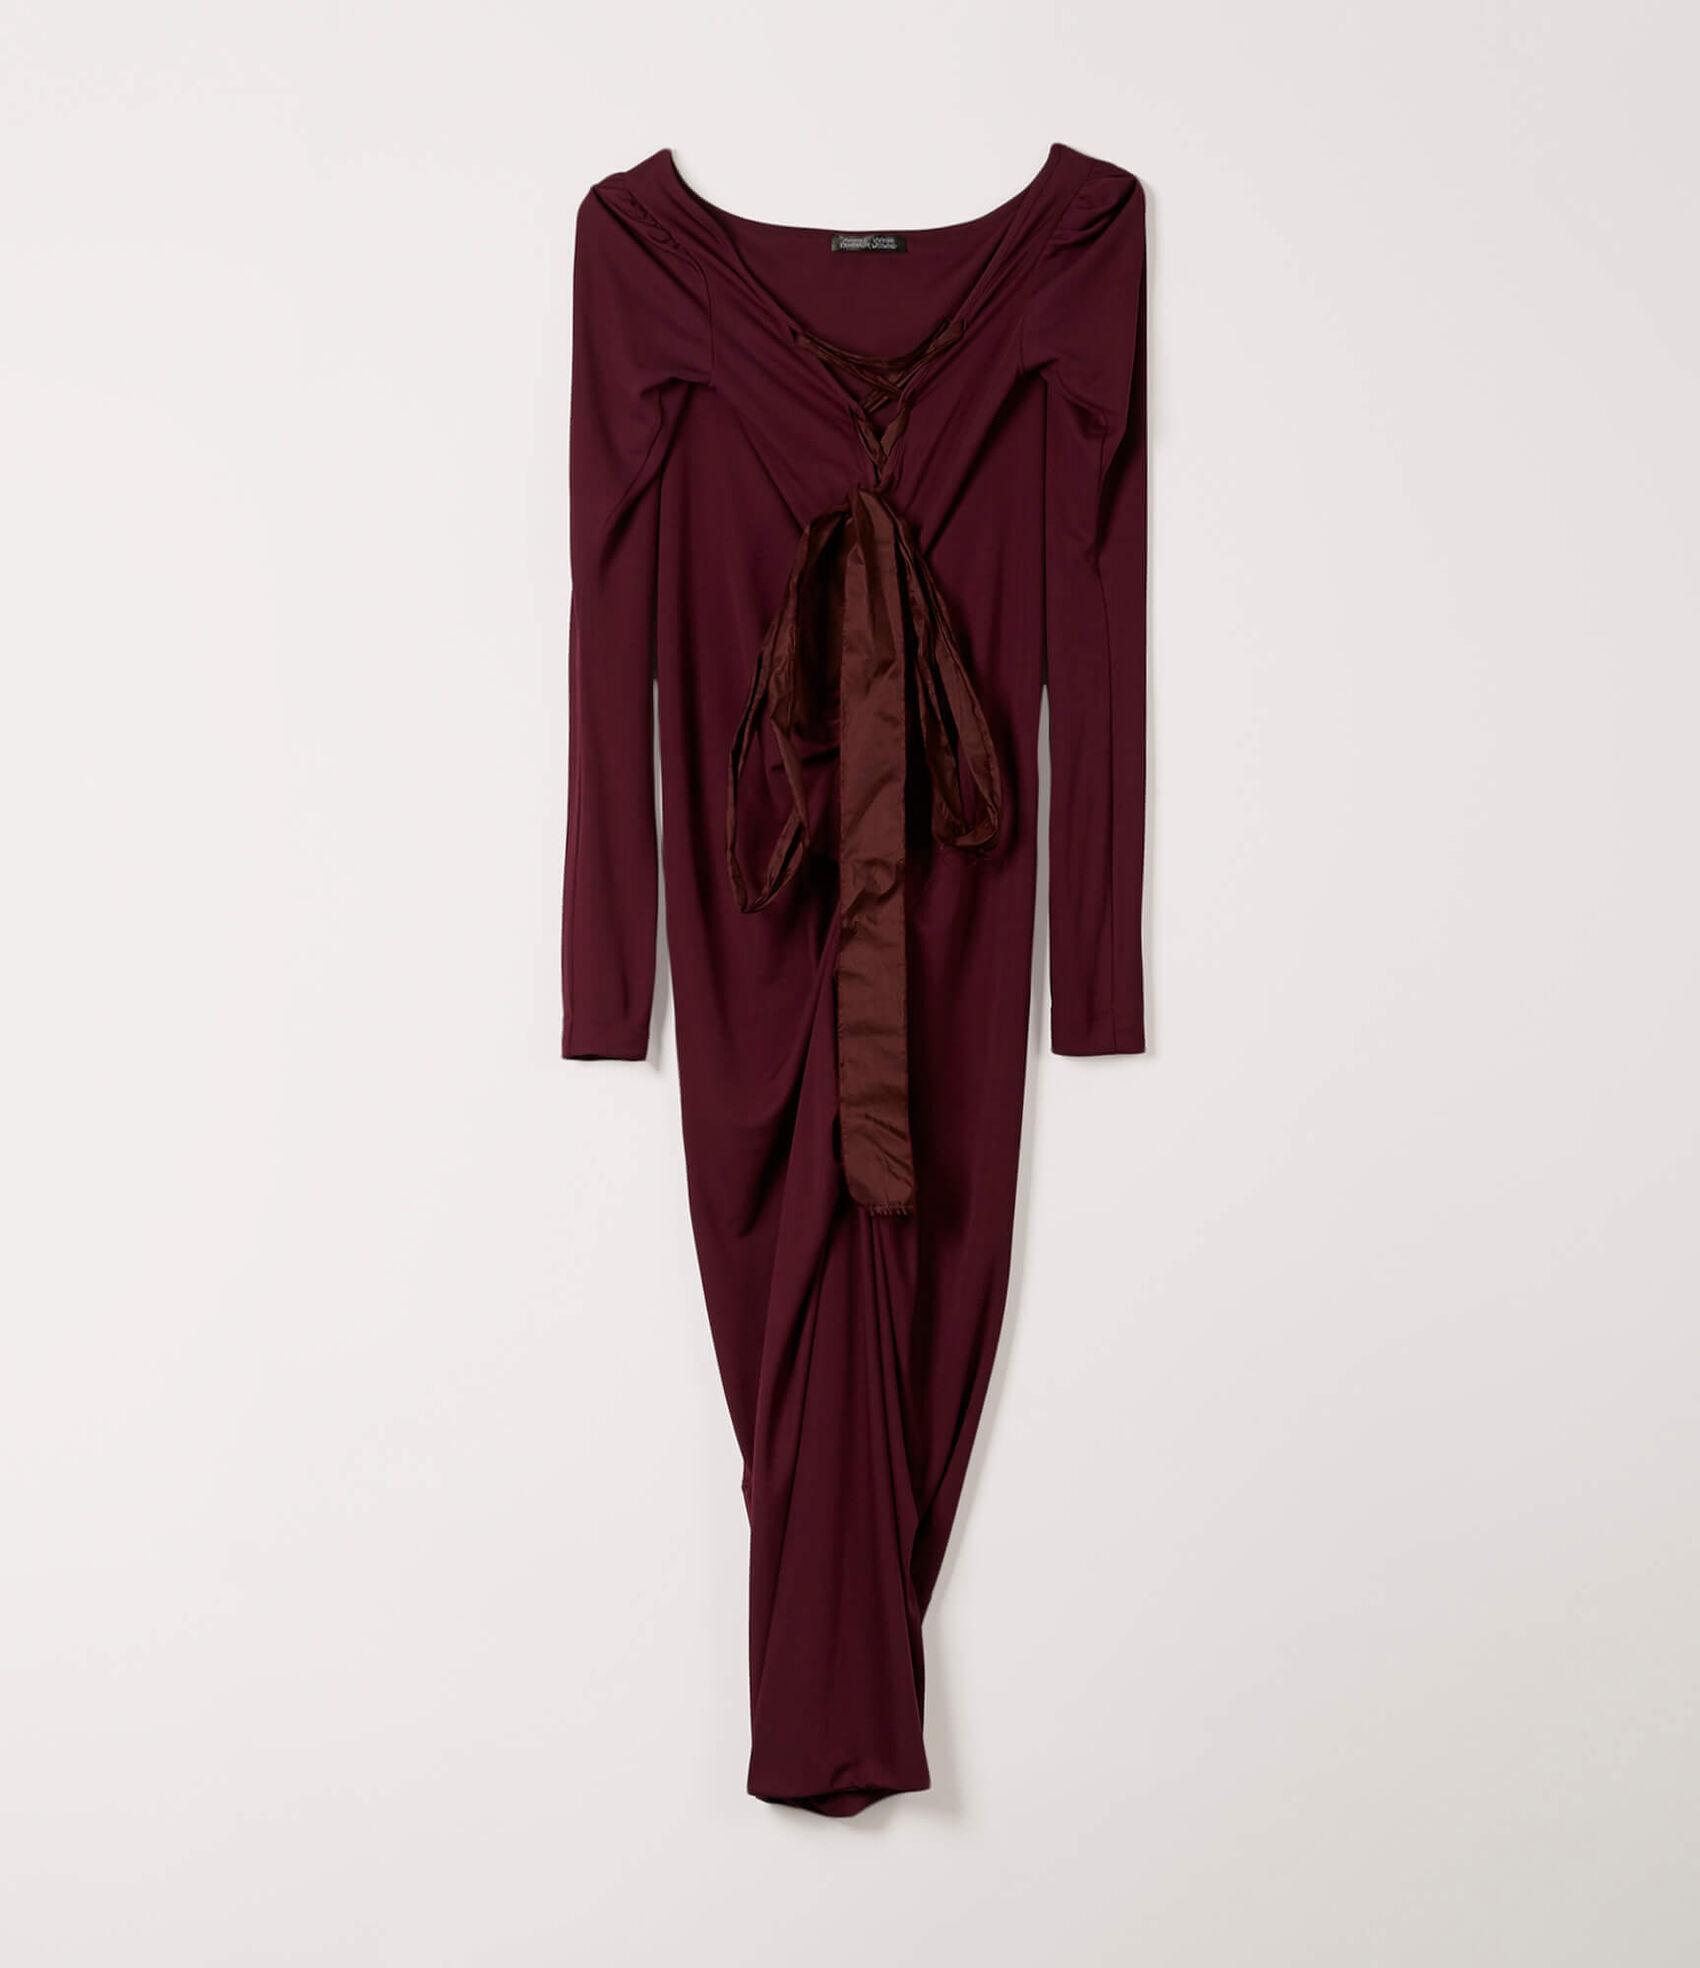 Vivienne Westwood Dresses Women S Clothing Cow Dress Plum